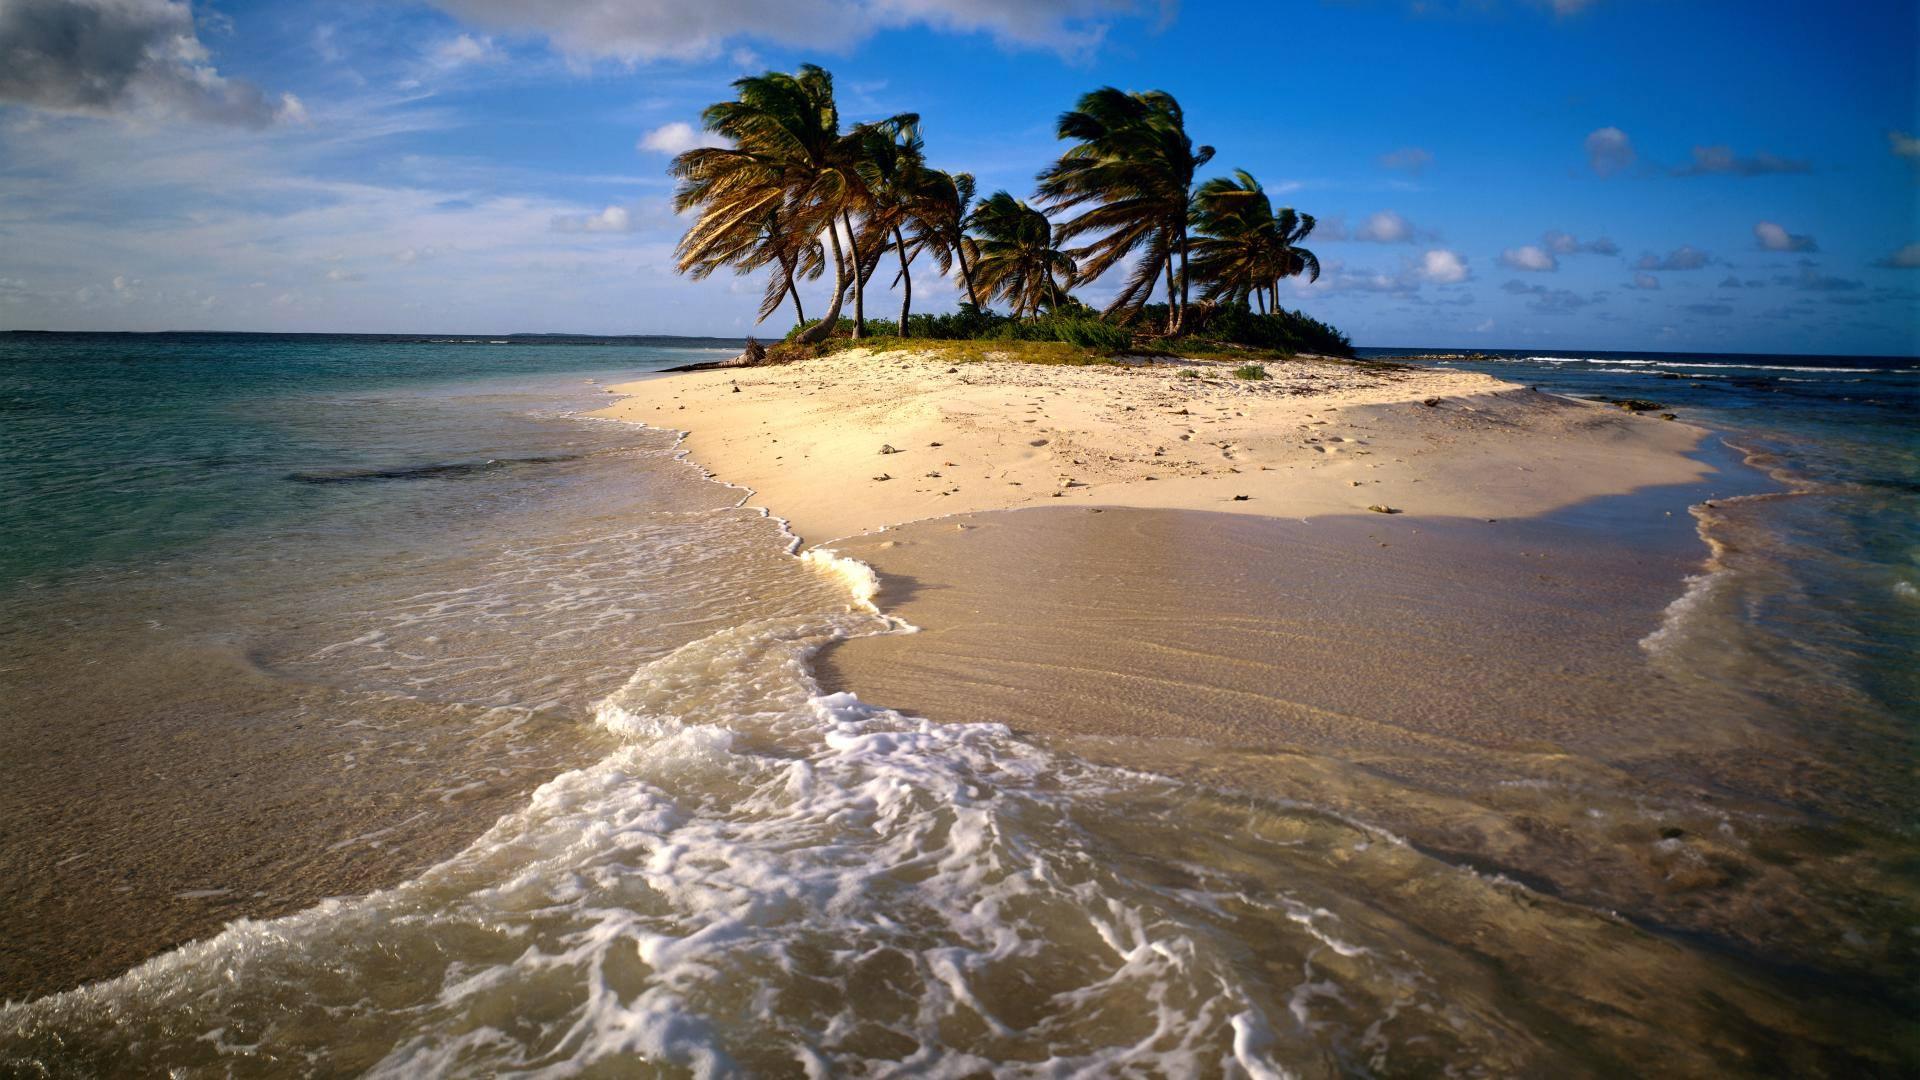 Les îles paradisiaques, tout le monde en rêve.